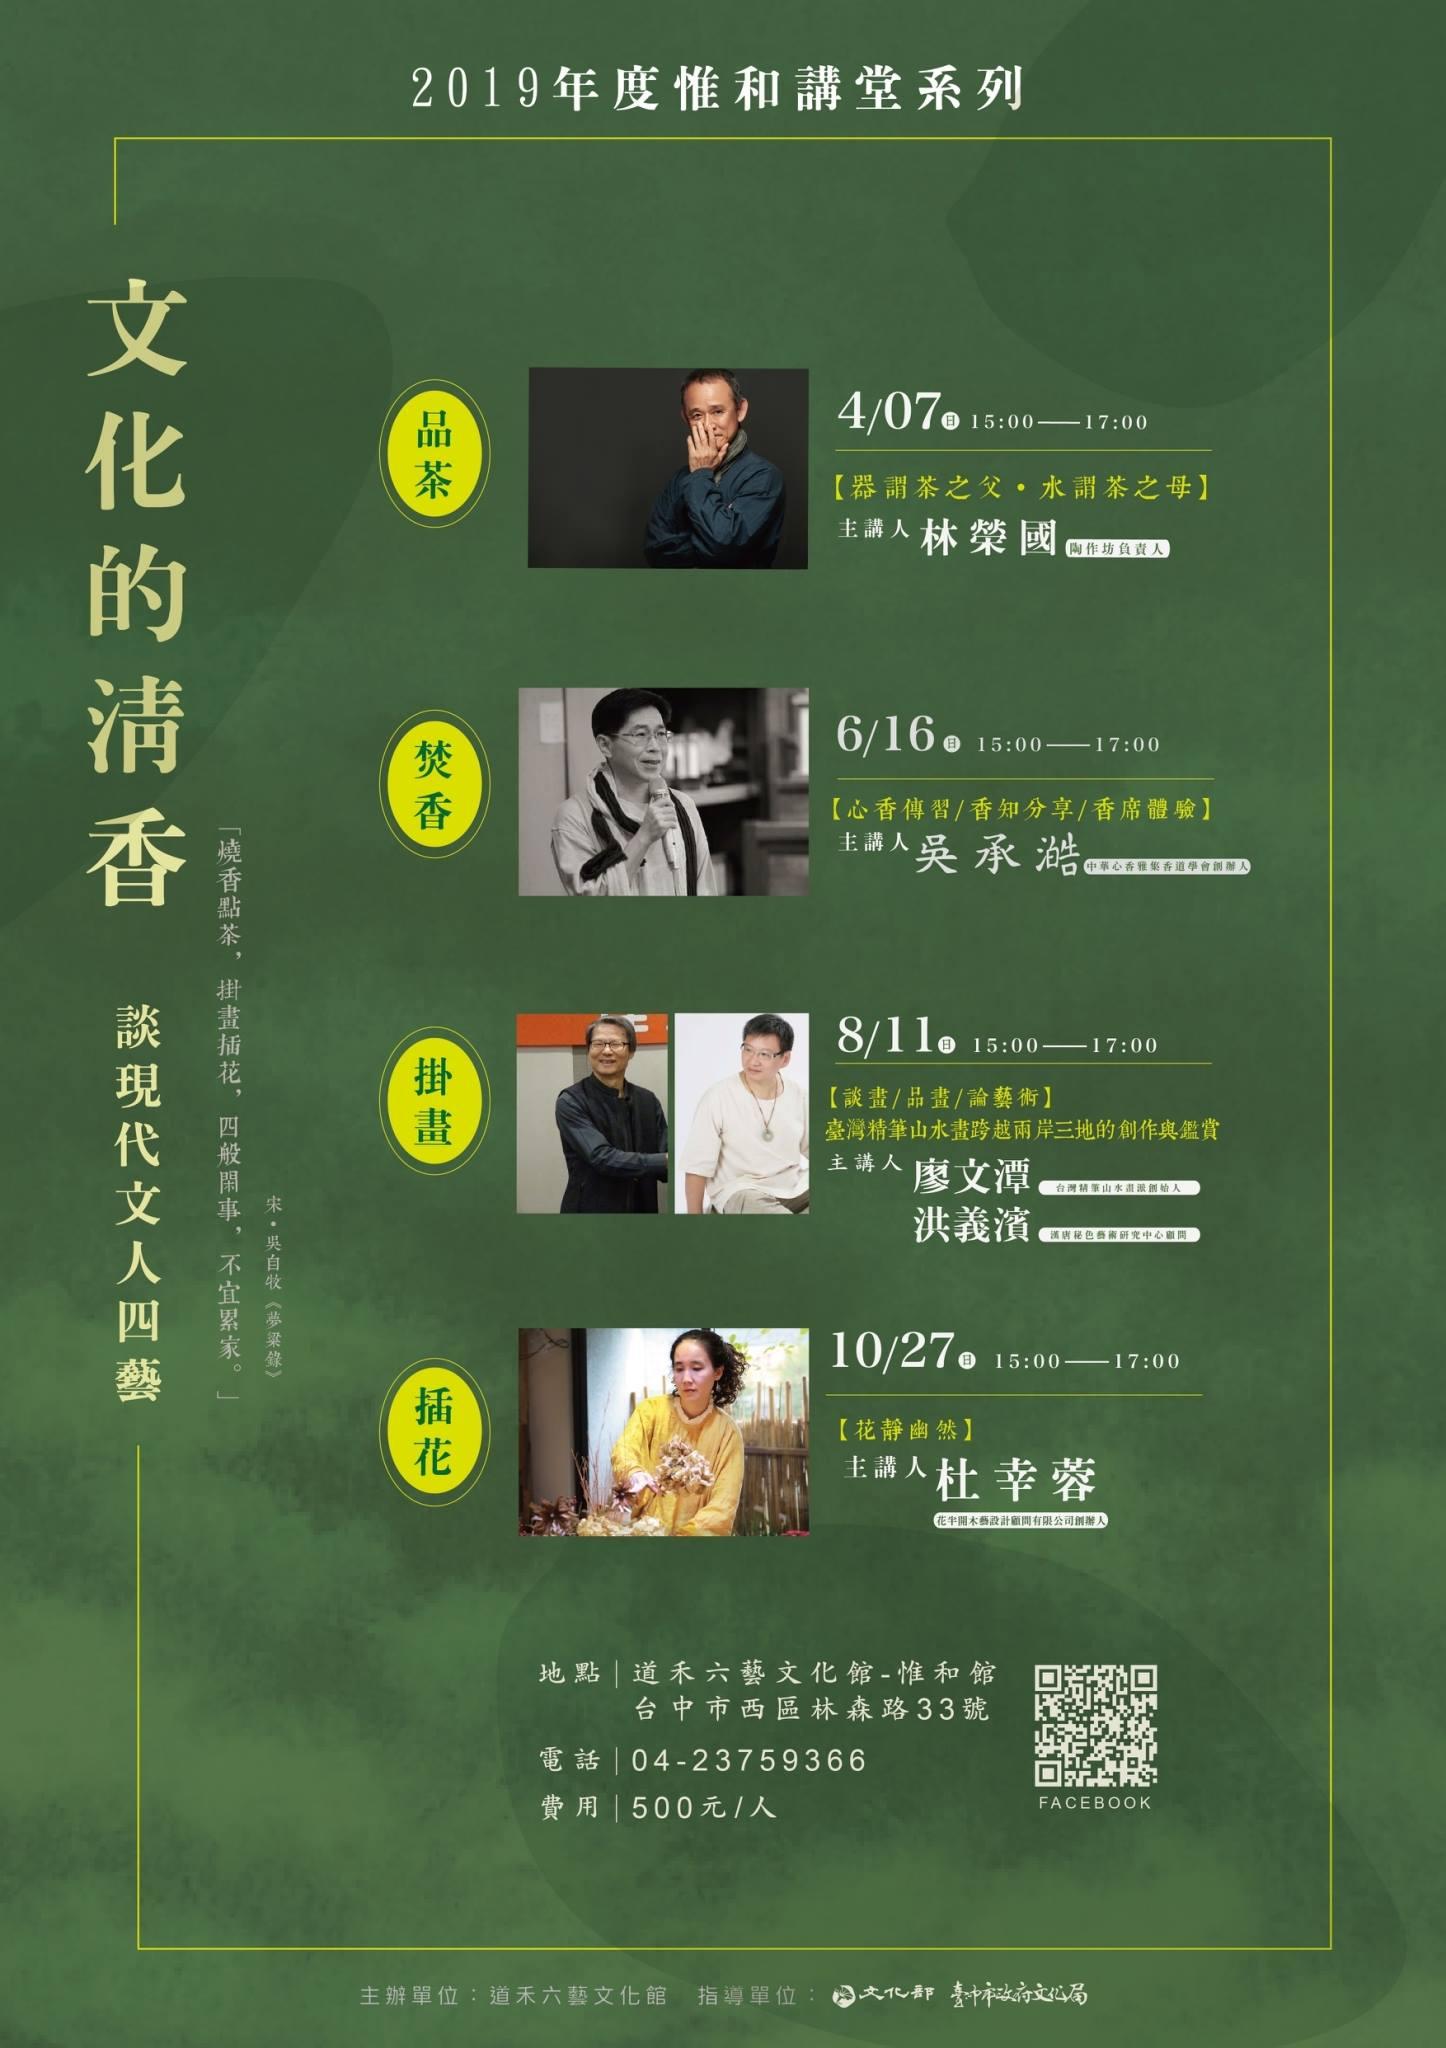 2019年度惟和講堂系列「文化的清香—談現代文人四藝」